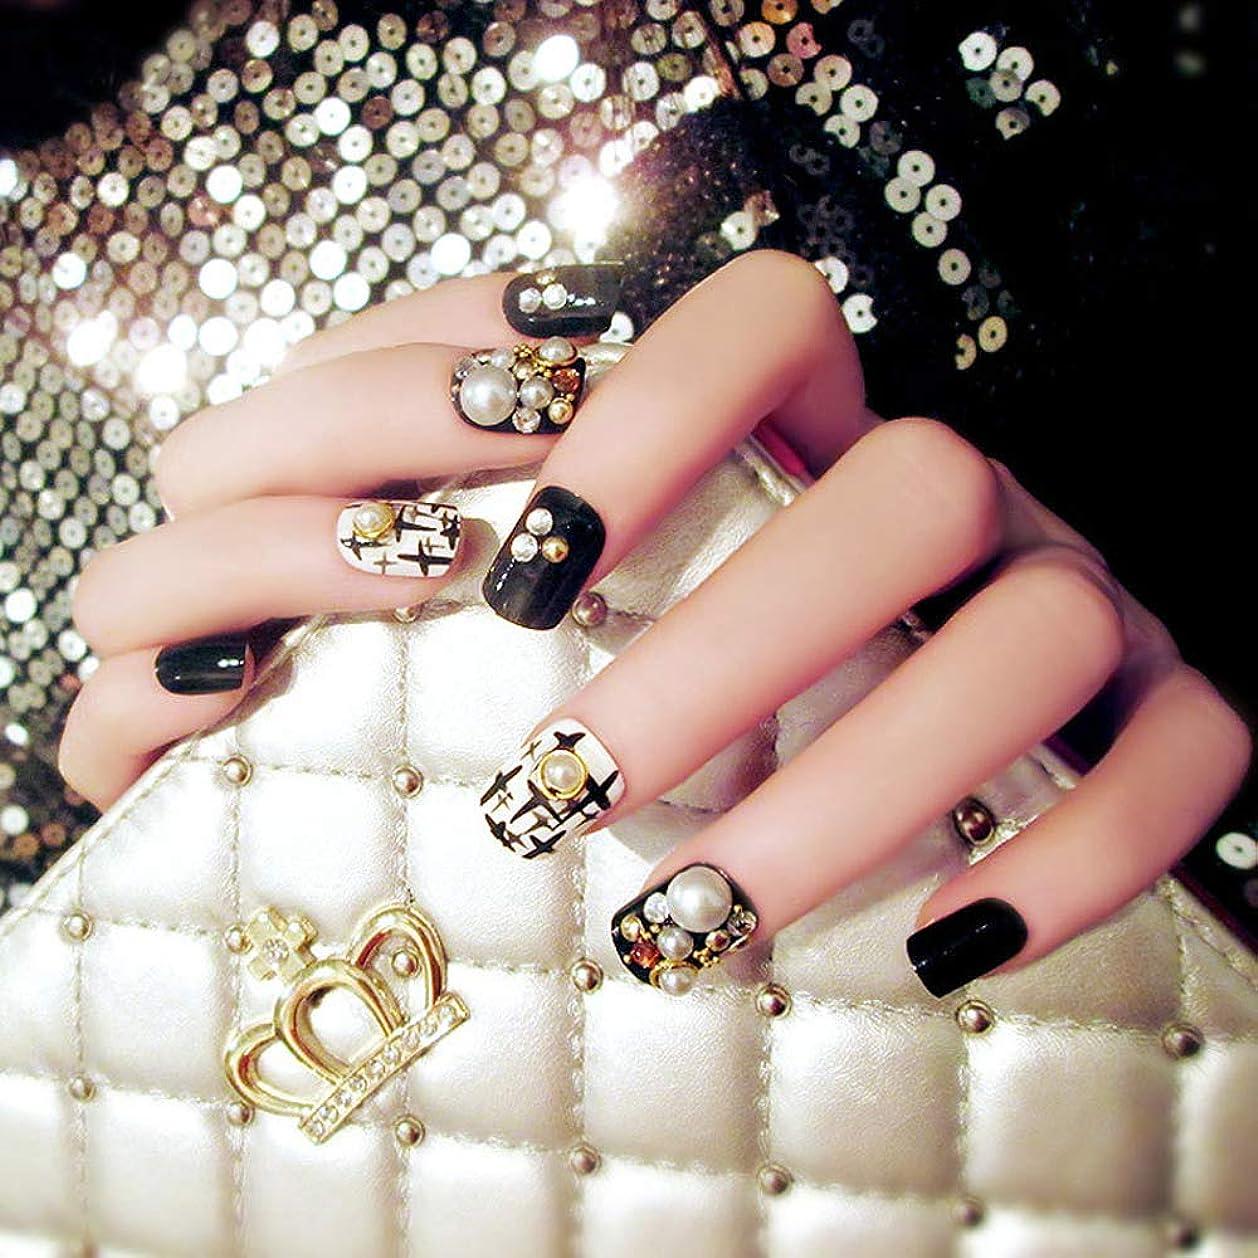 一致する終点絶望的な24本の高品質の美しい偽の黒い爪白真珠のデザイン偽の爪のヒントは偽の爪をカバー